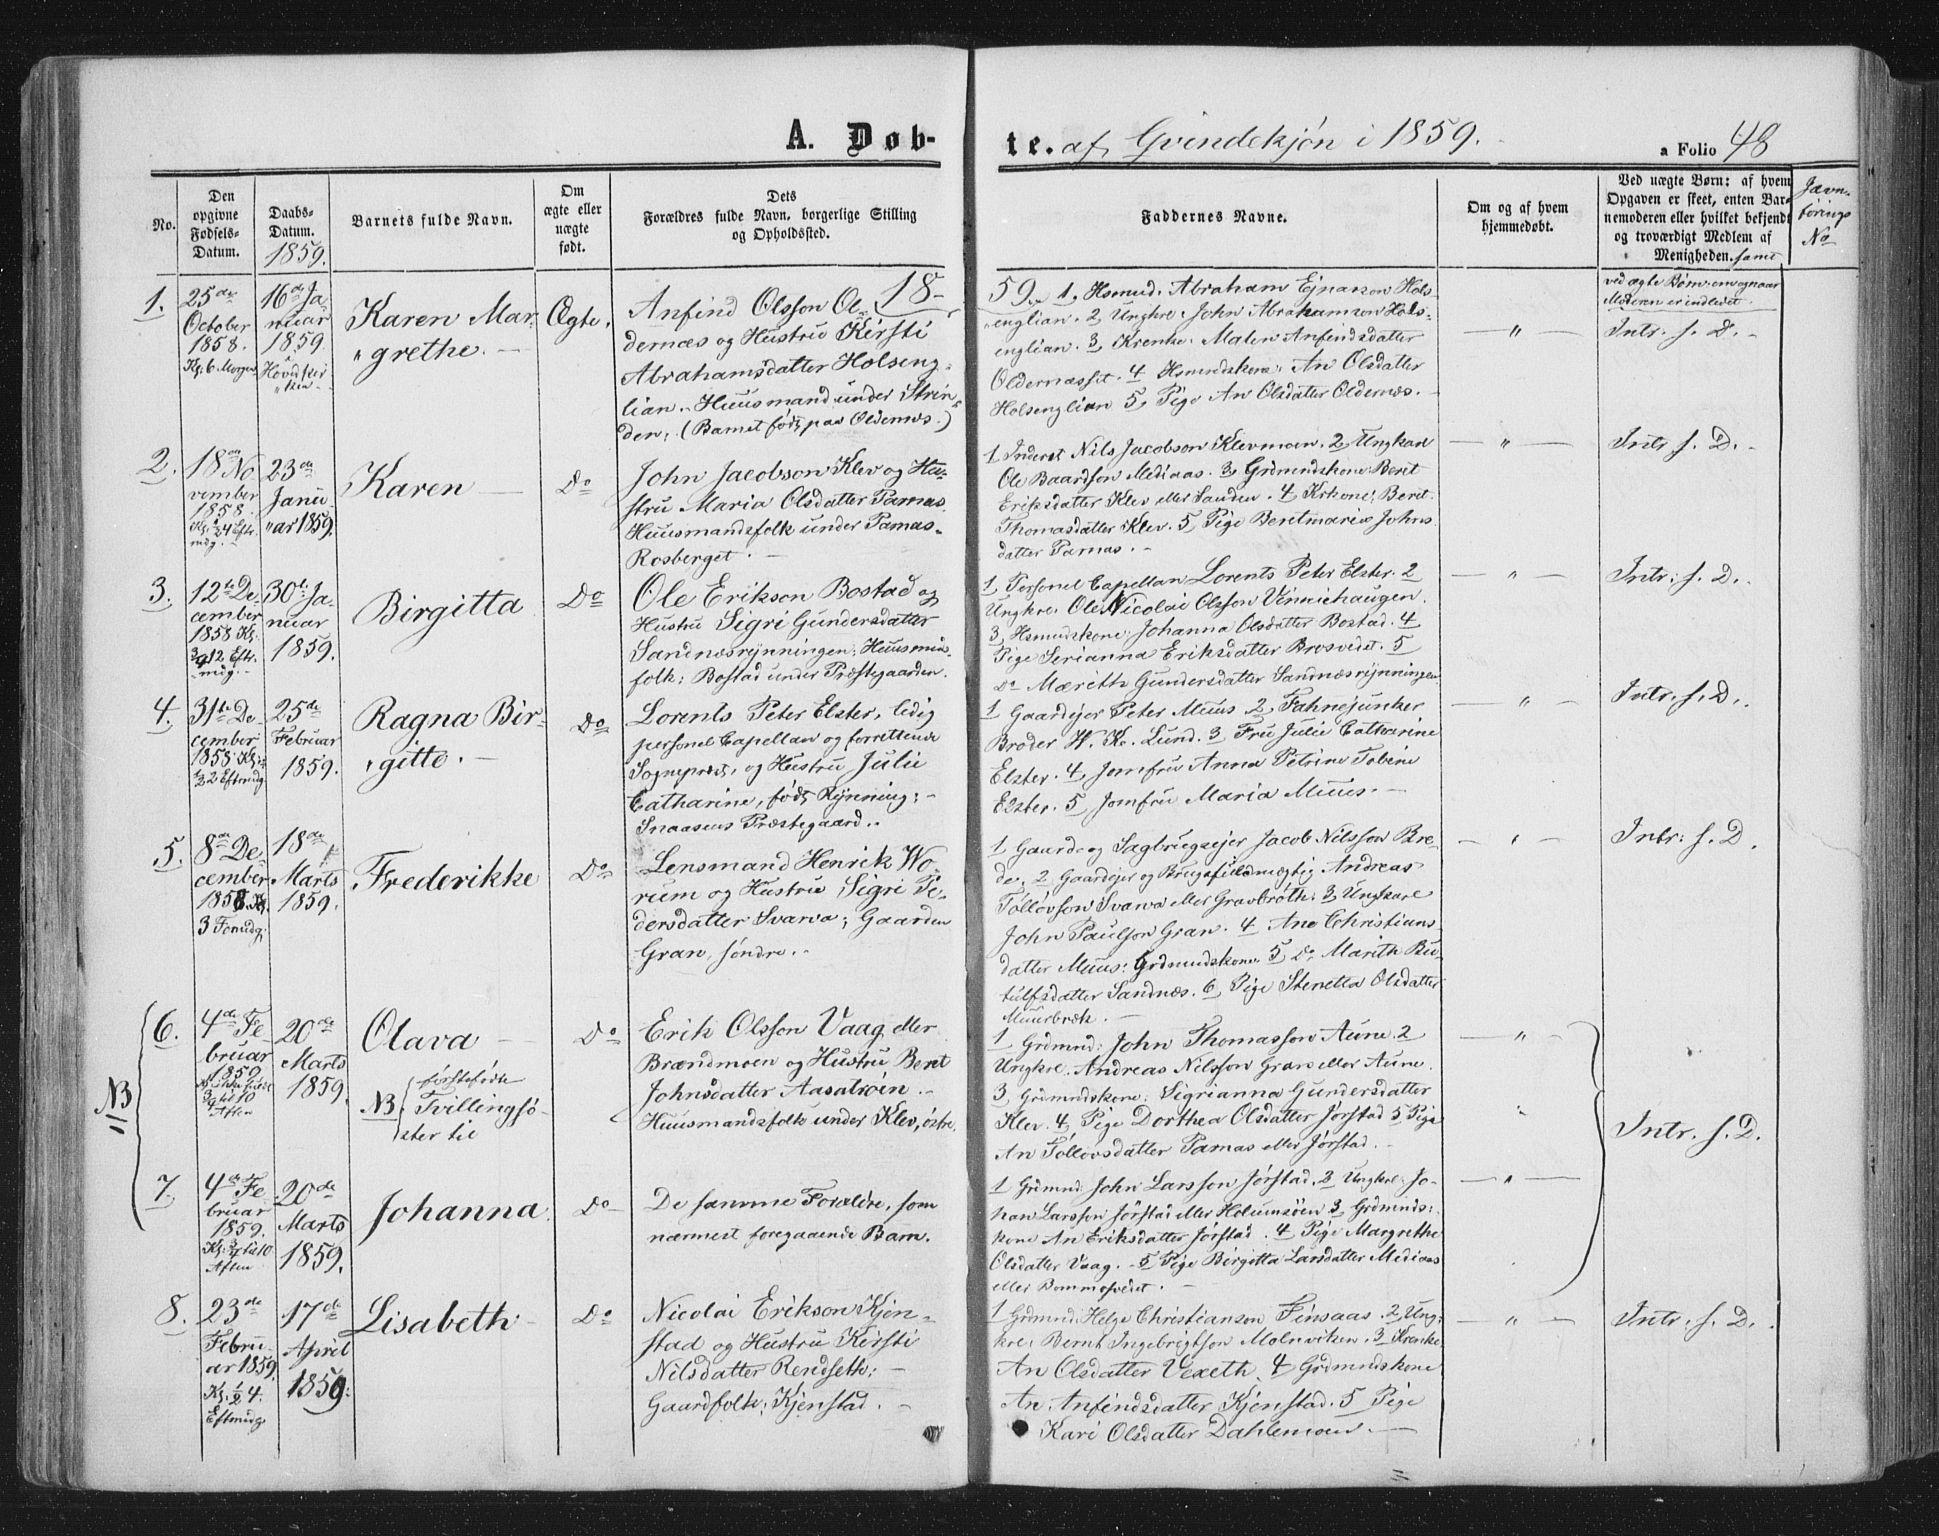 SAT, Ministerialprotokoller, klokkerbøker og fødselsregistre - Nord-Trøndelag, 749/L0472: Ministerialbok nr. 749A06, 1857-1873, s. 48